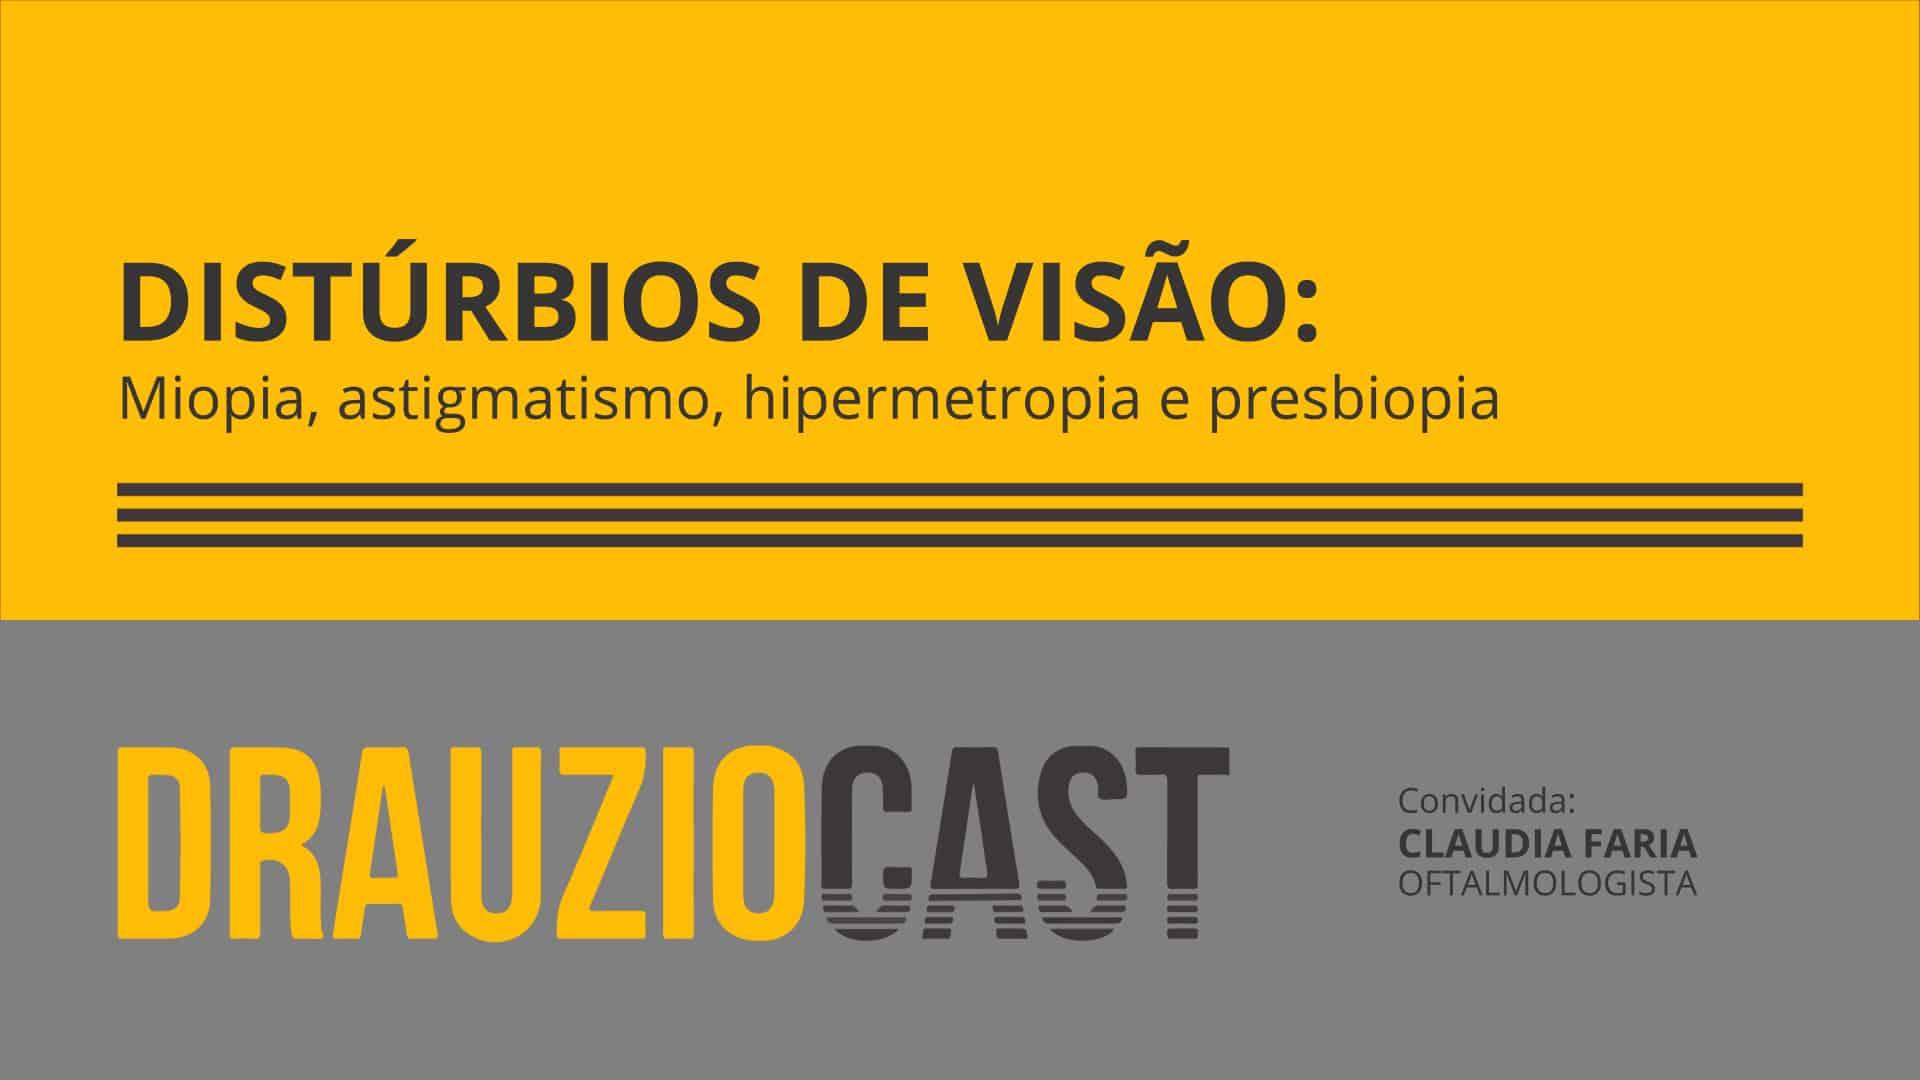 Entre os distúrbios de visão que mais acometem os brasileiros, a miopia é a principal preocupação